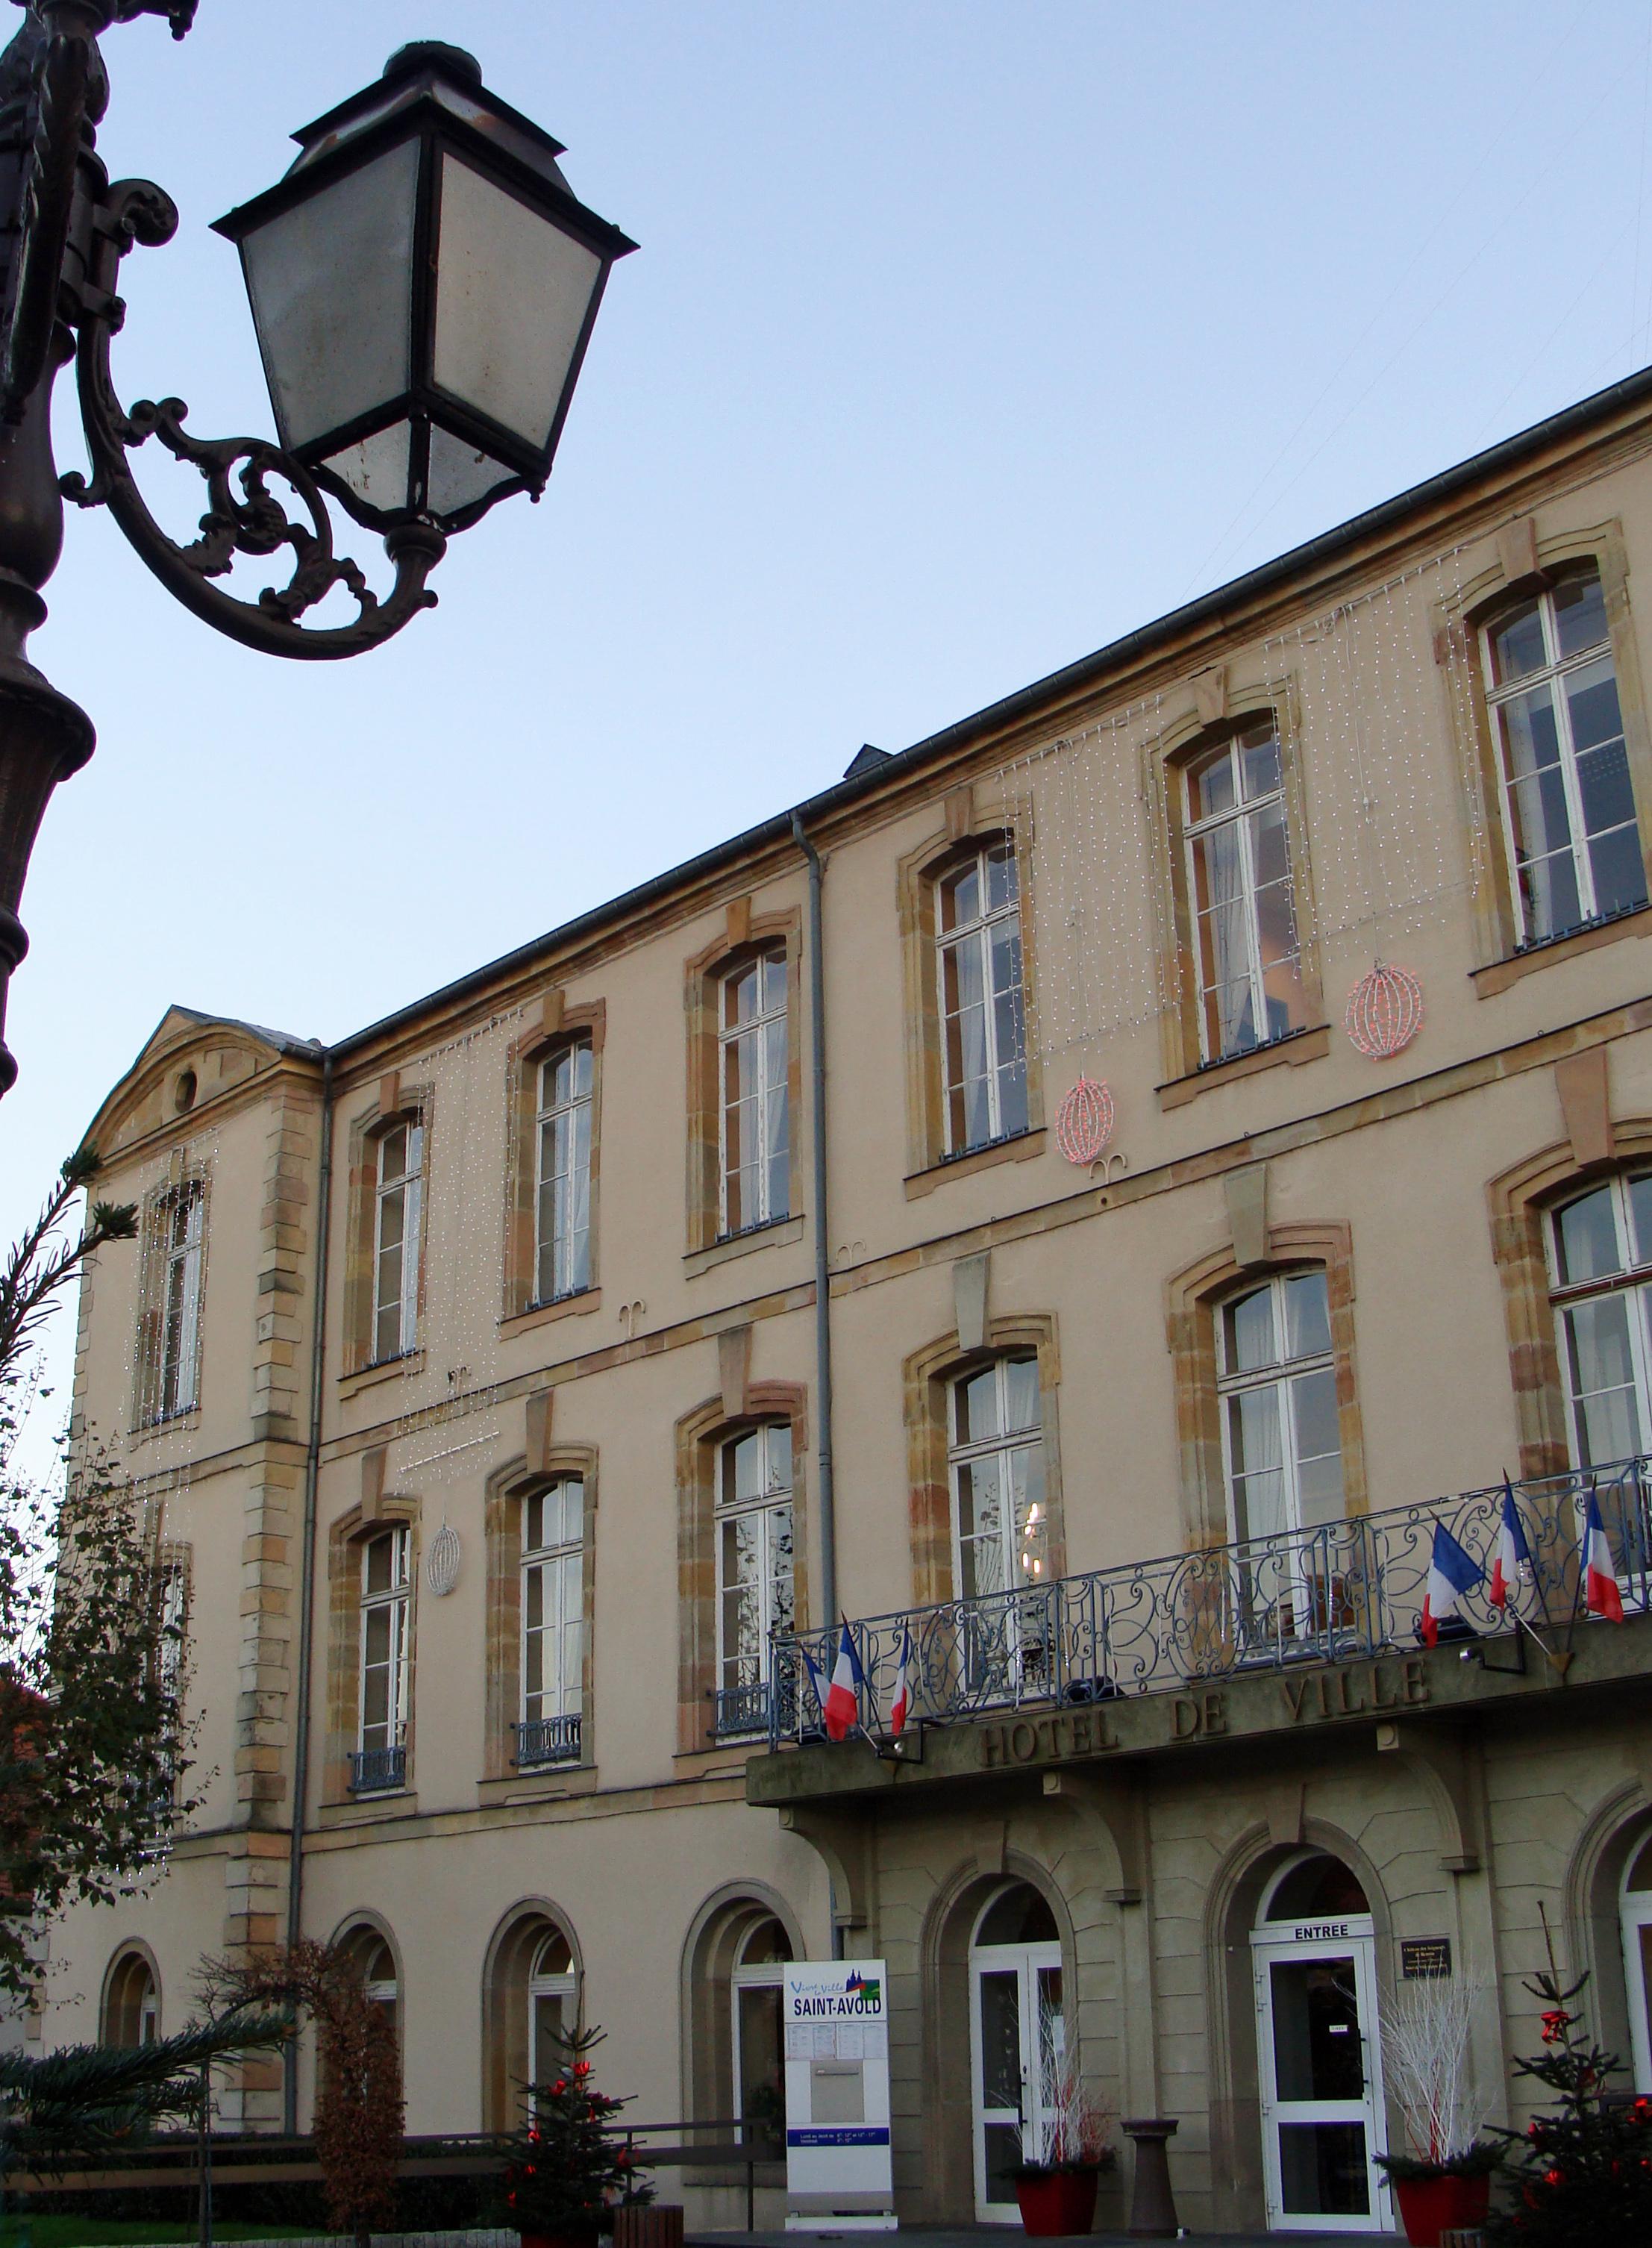 fichier:château d'henriette de lorraine à saint-avold — wikipédia